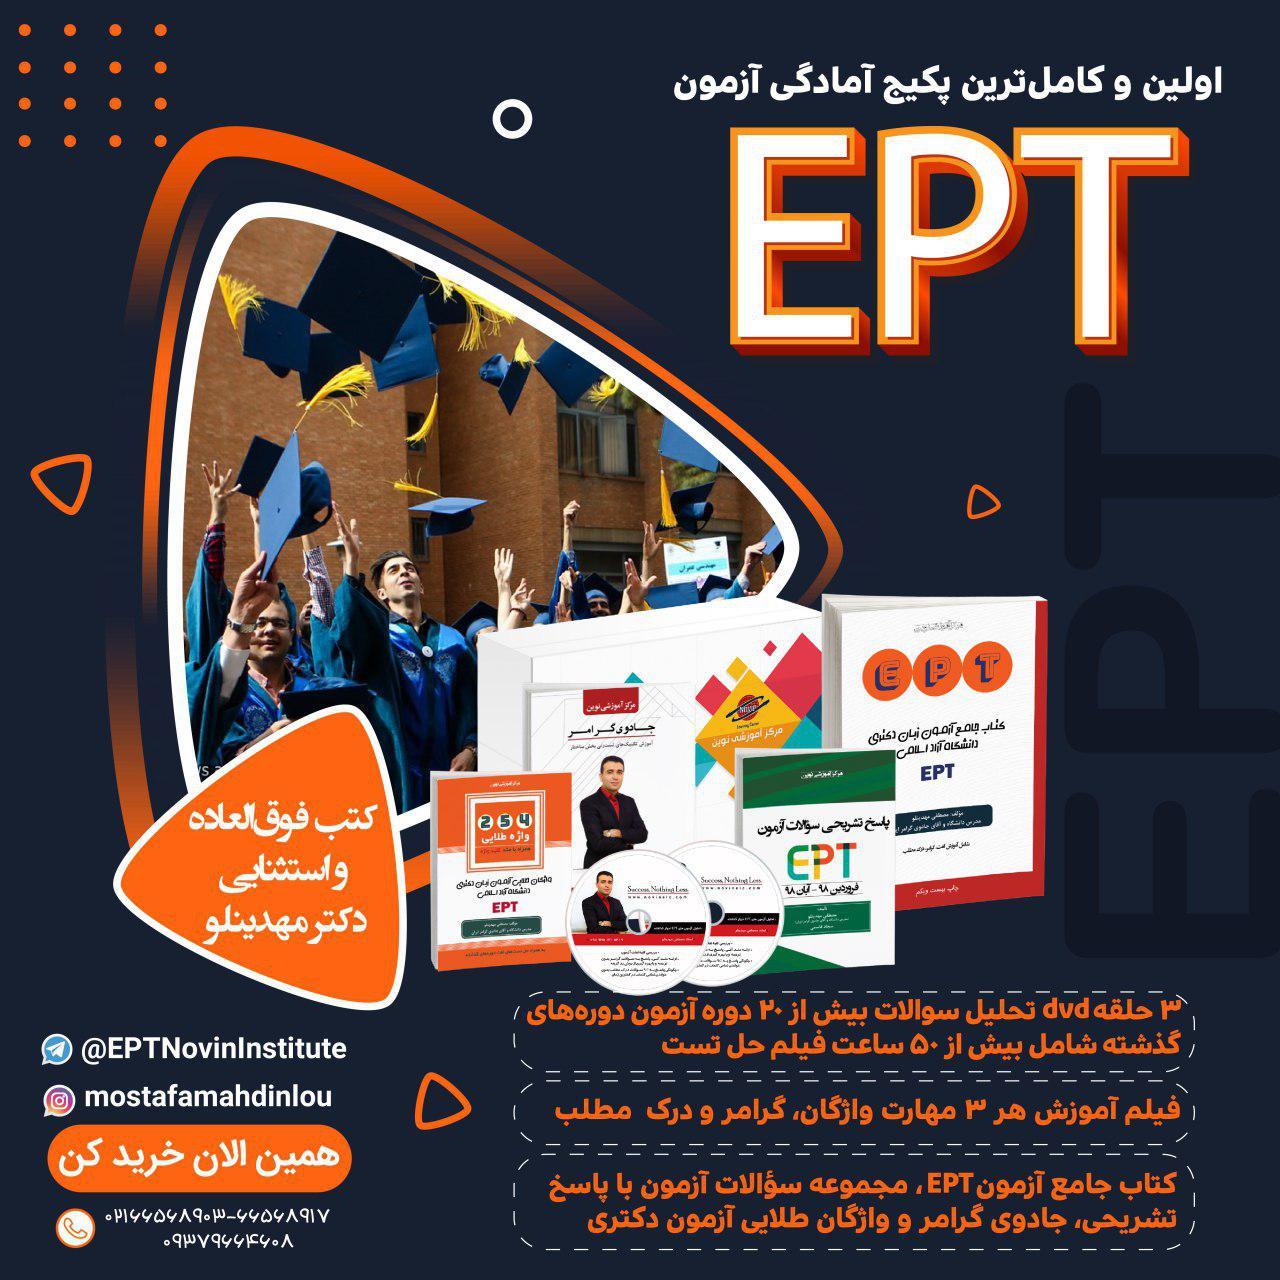 پکیج آمادگی آزمون زبان EPT